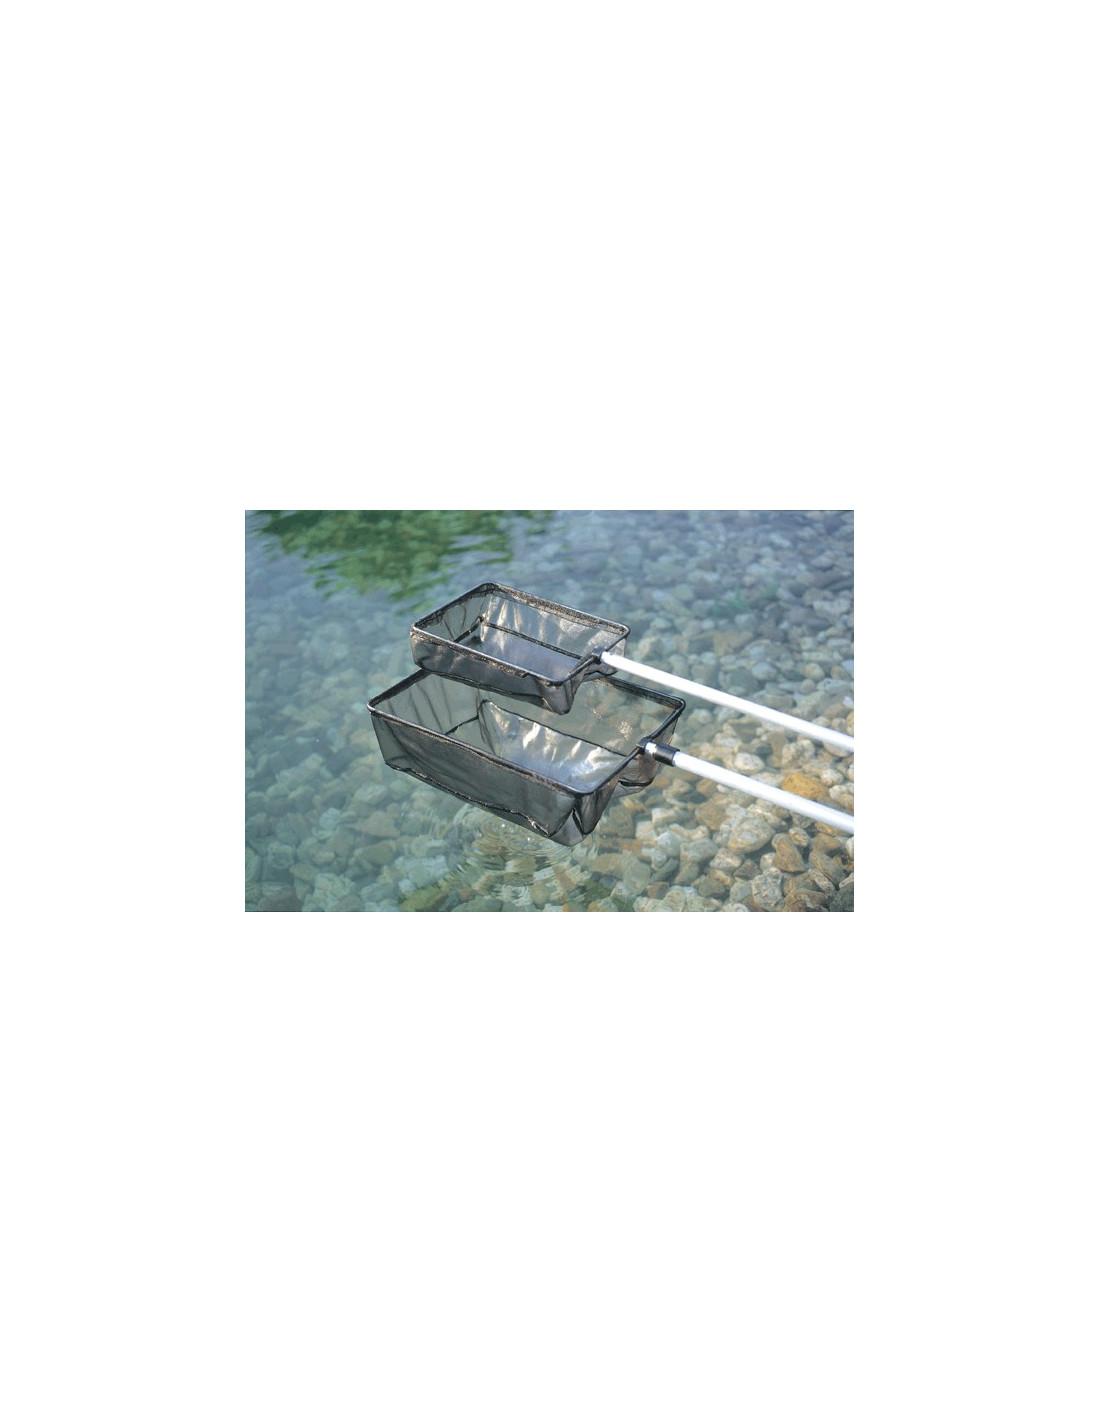 Bassin De Jardin Nettoyage - Maison Design - Edfos.com